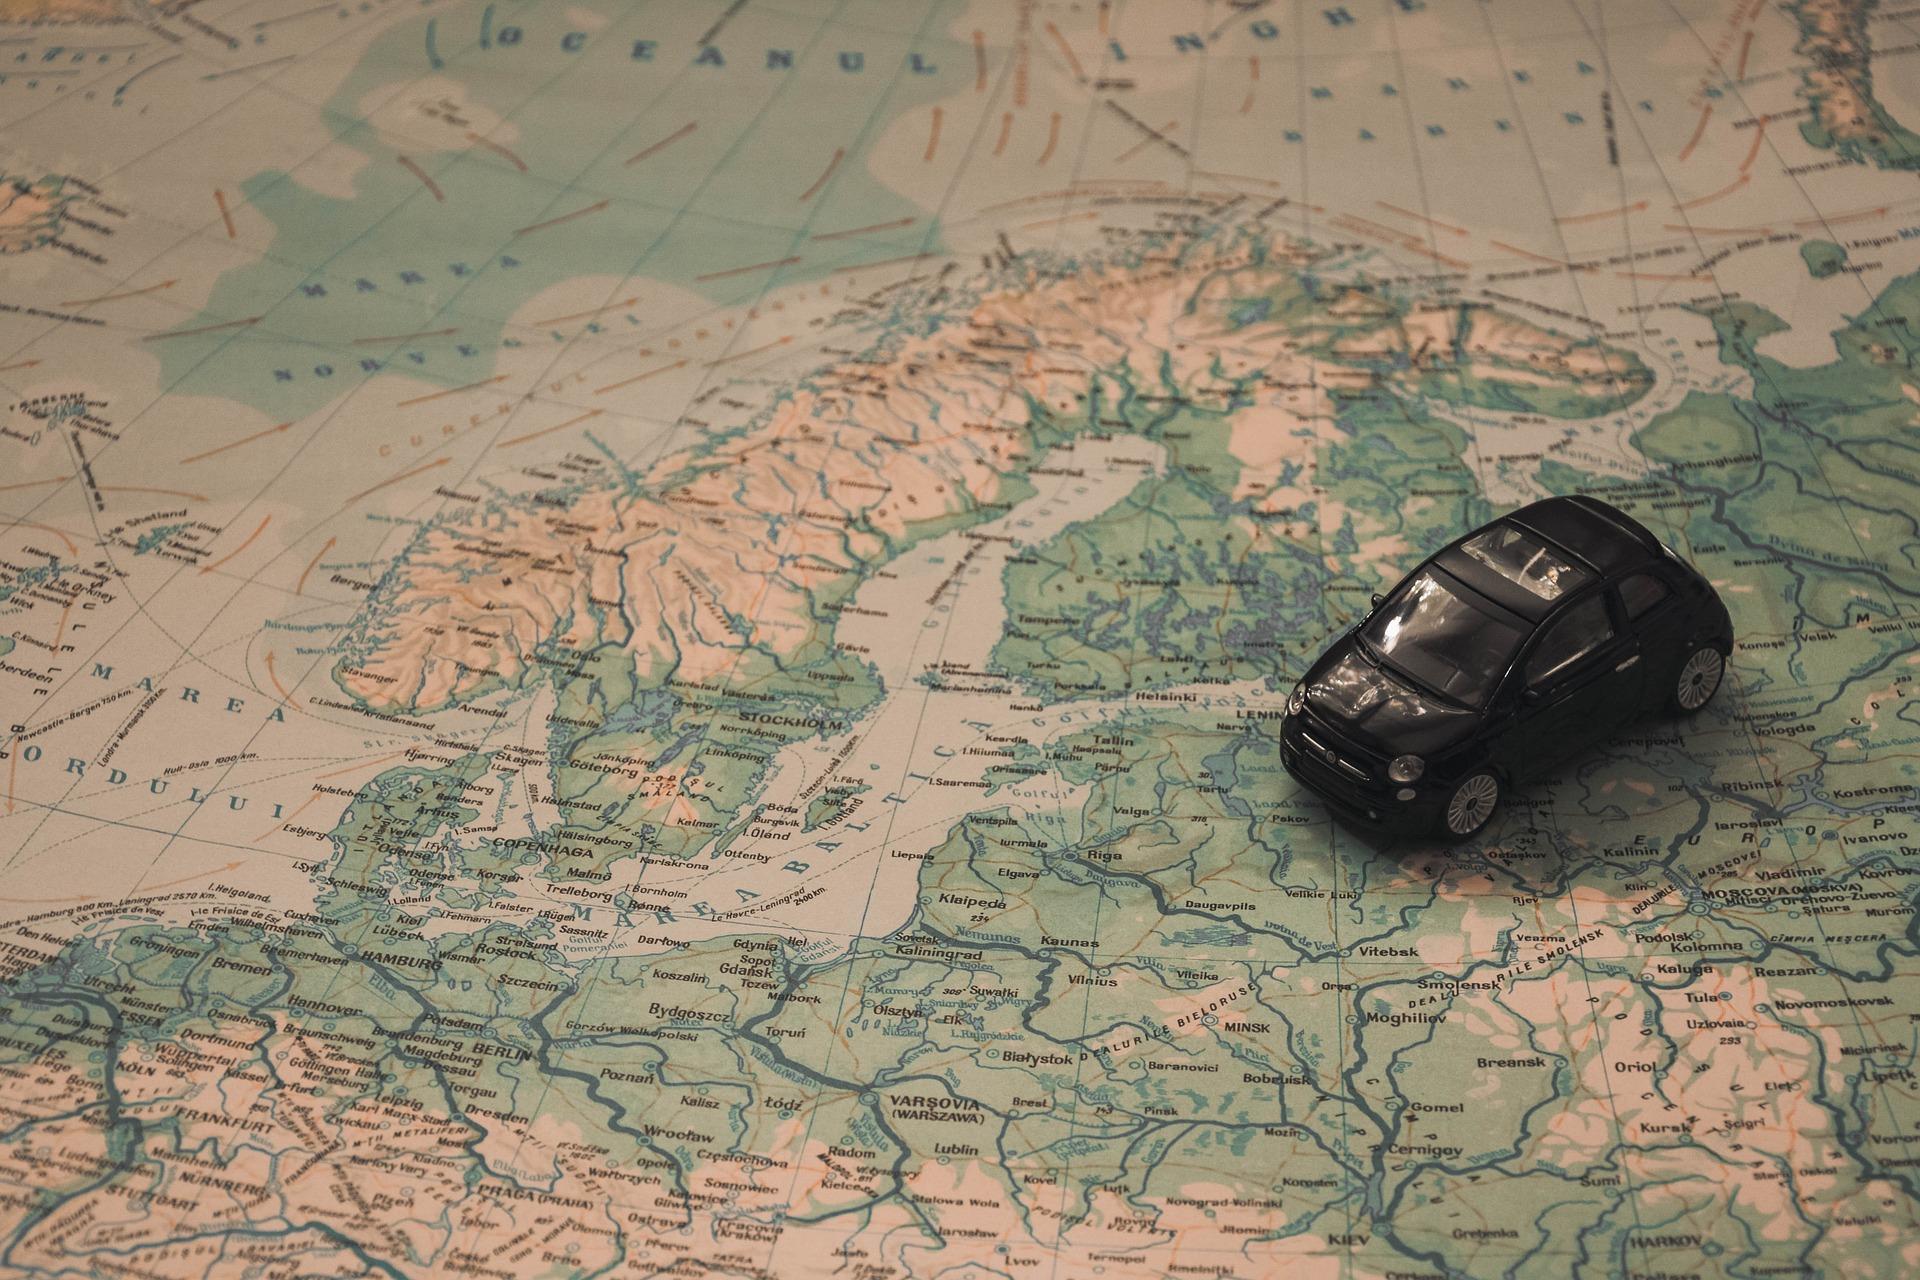 Dochód gwarantowany, bez innych form zarobku czy pomocy społecznej, zapewniałby egzystencję na minimalnym poziomie. Ostatnim krajem, który próbował takiego rozwiązania była Finlandia. (fot. pixabay.com/domena publiczna)